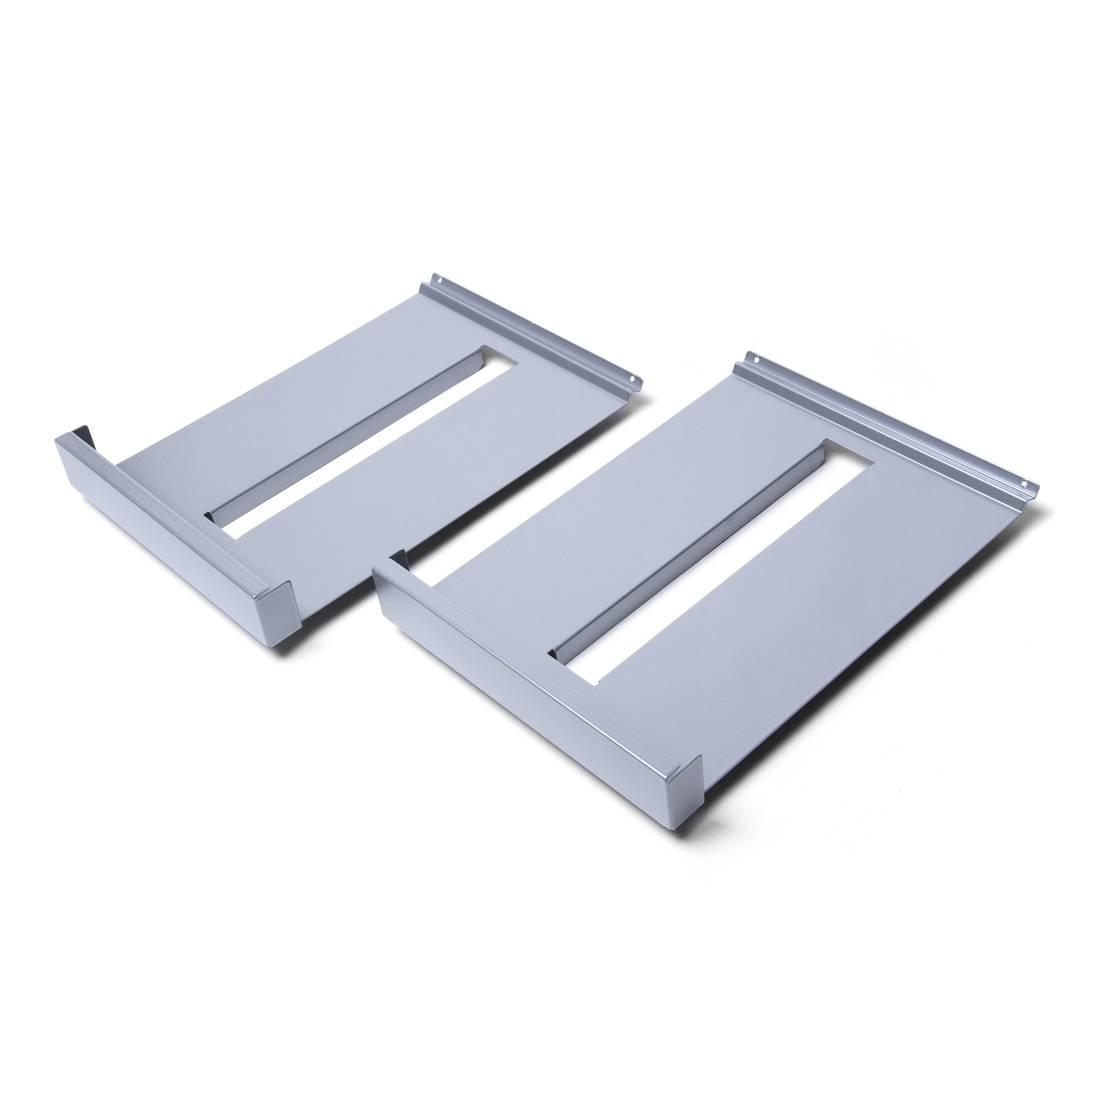 Metalowe półki do stojaka na ulotki BRT / BRW - 2 sztuki